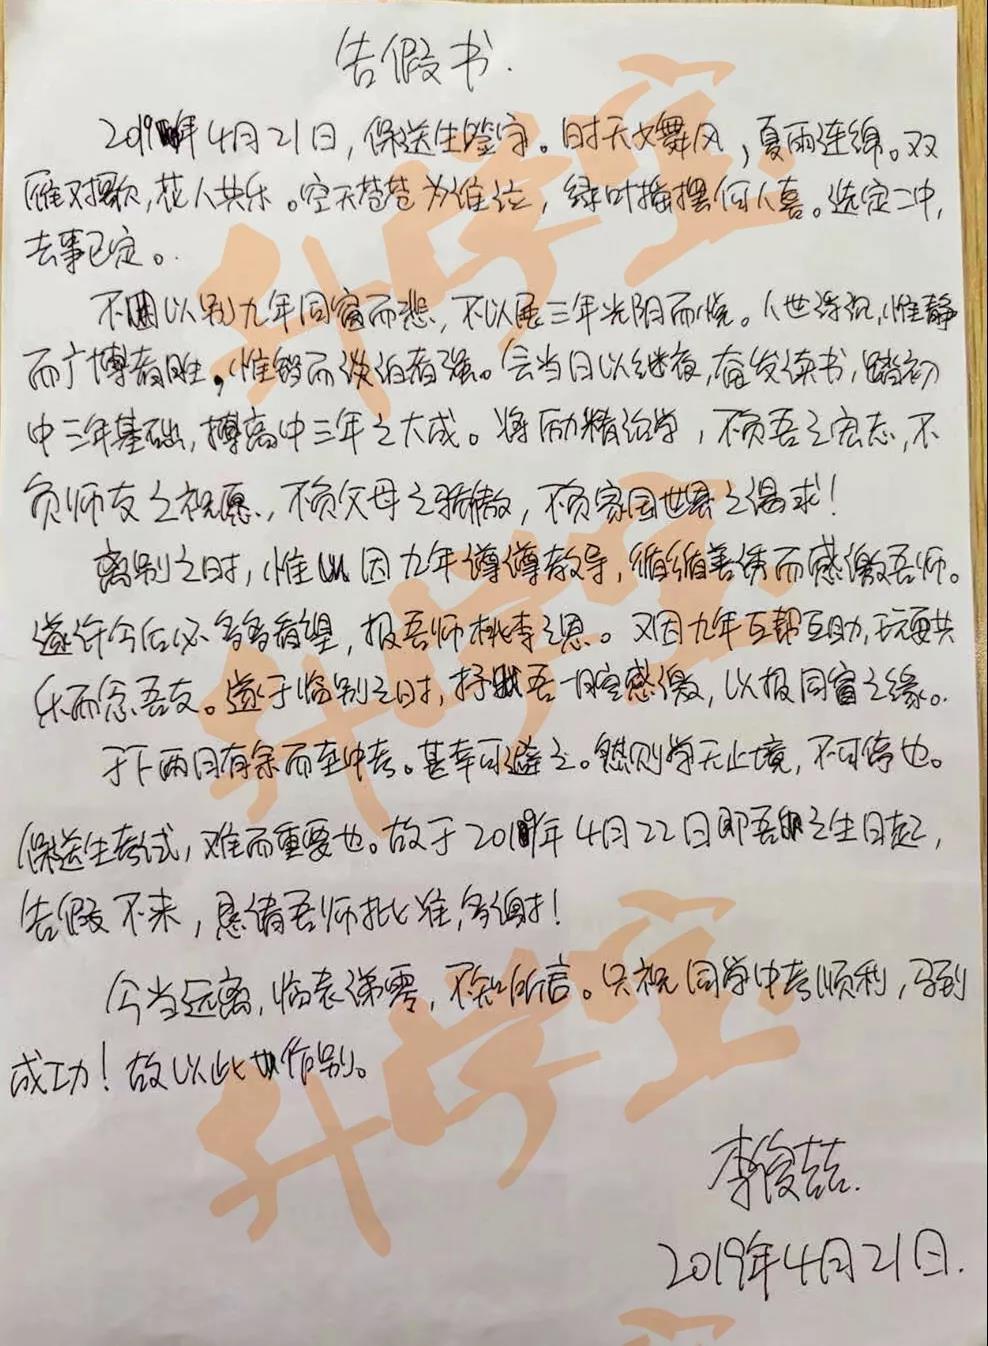 初三男生因请假条走红,读书多的,写张请假条都不一样 新湖南www.hunanabc.com